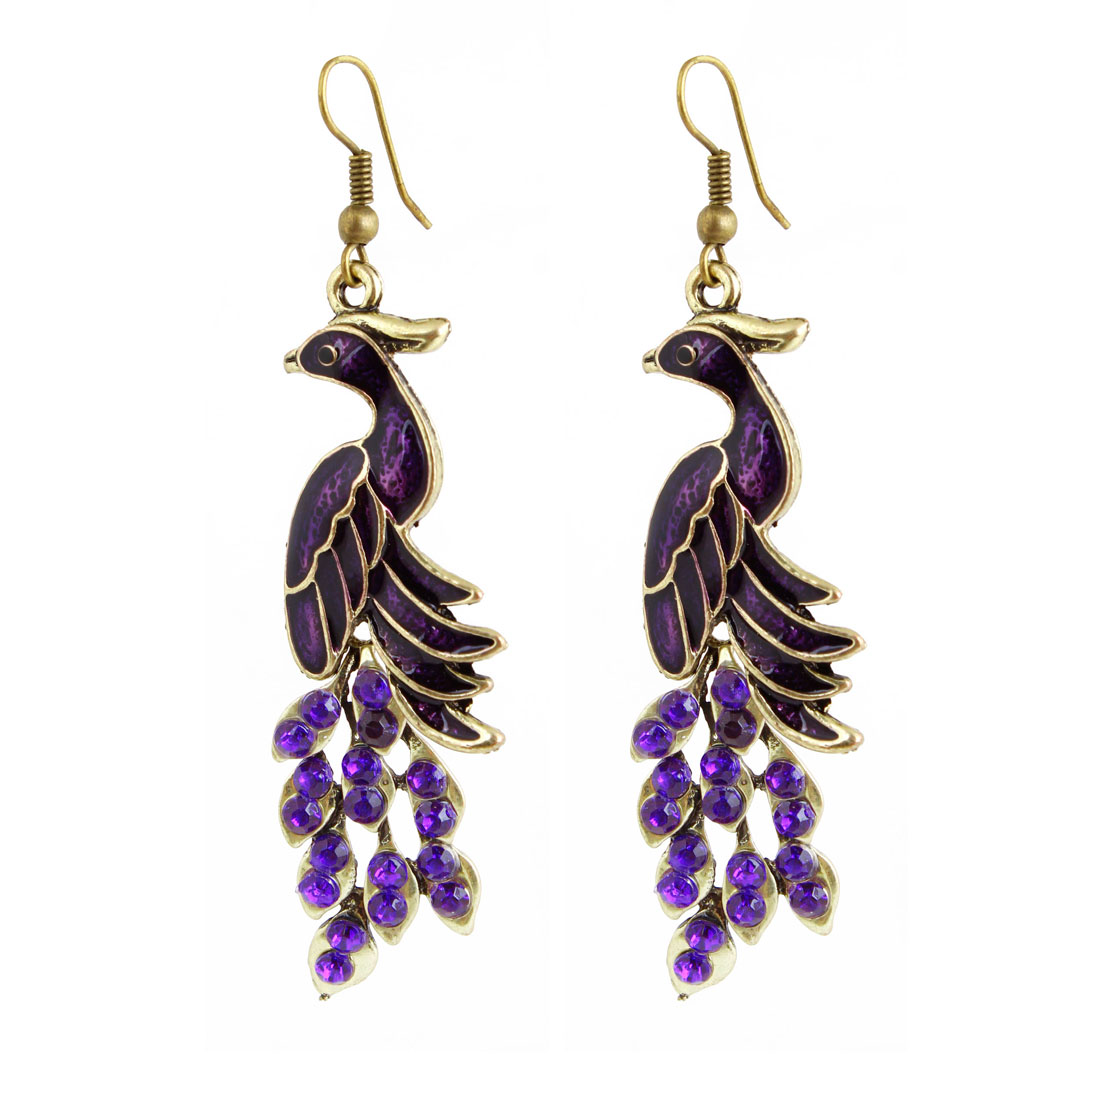 Pair Purple Faux Crystal Metal Peacock Dangling Hook Earrings for Lady